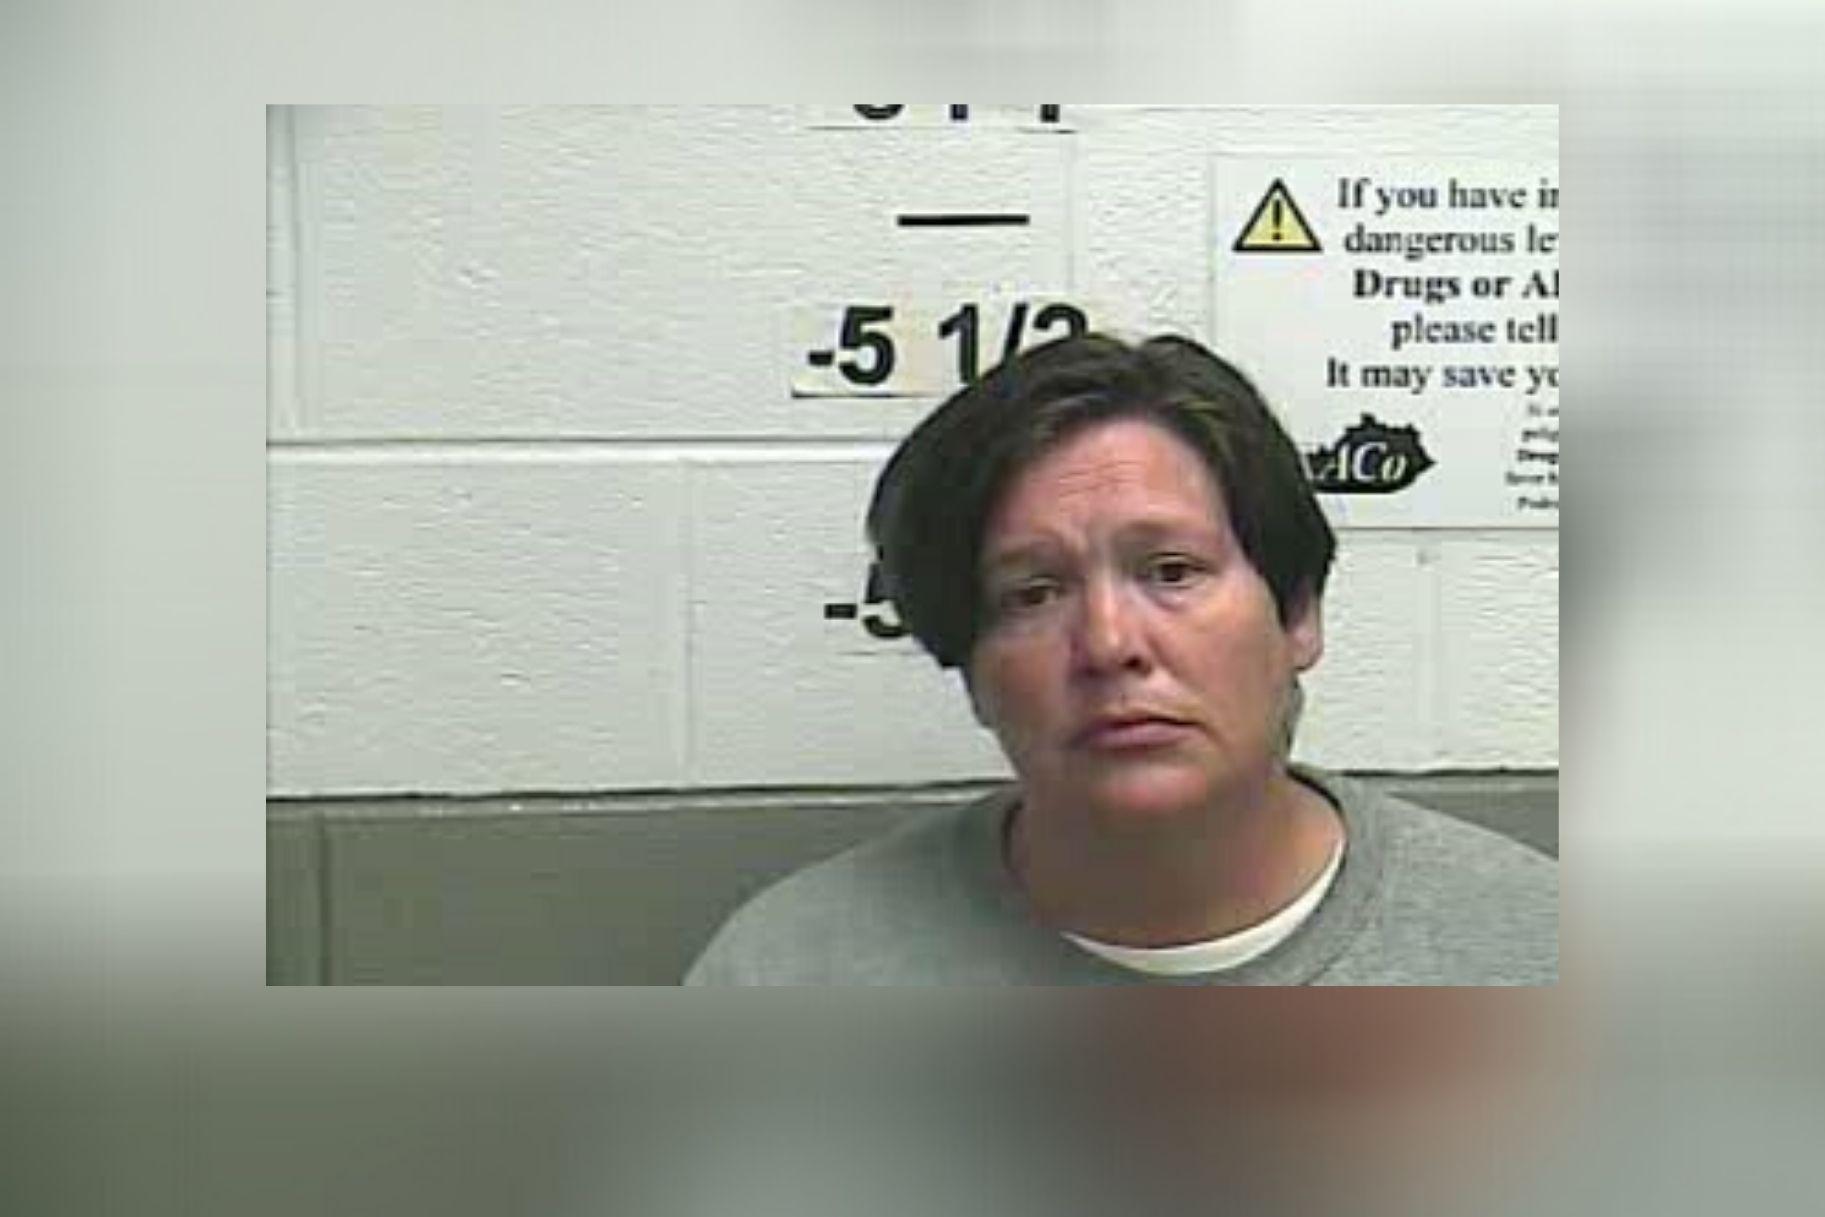 Kentucky ema tappis abikaasa, siis tema 2 teismelist, nii et nad ei kasvaks 'ilma emata'